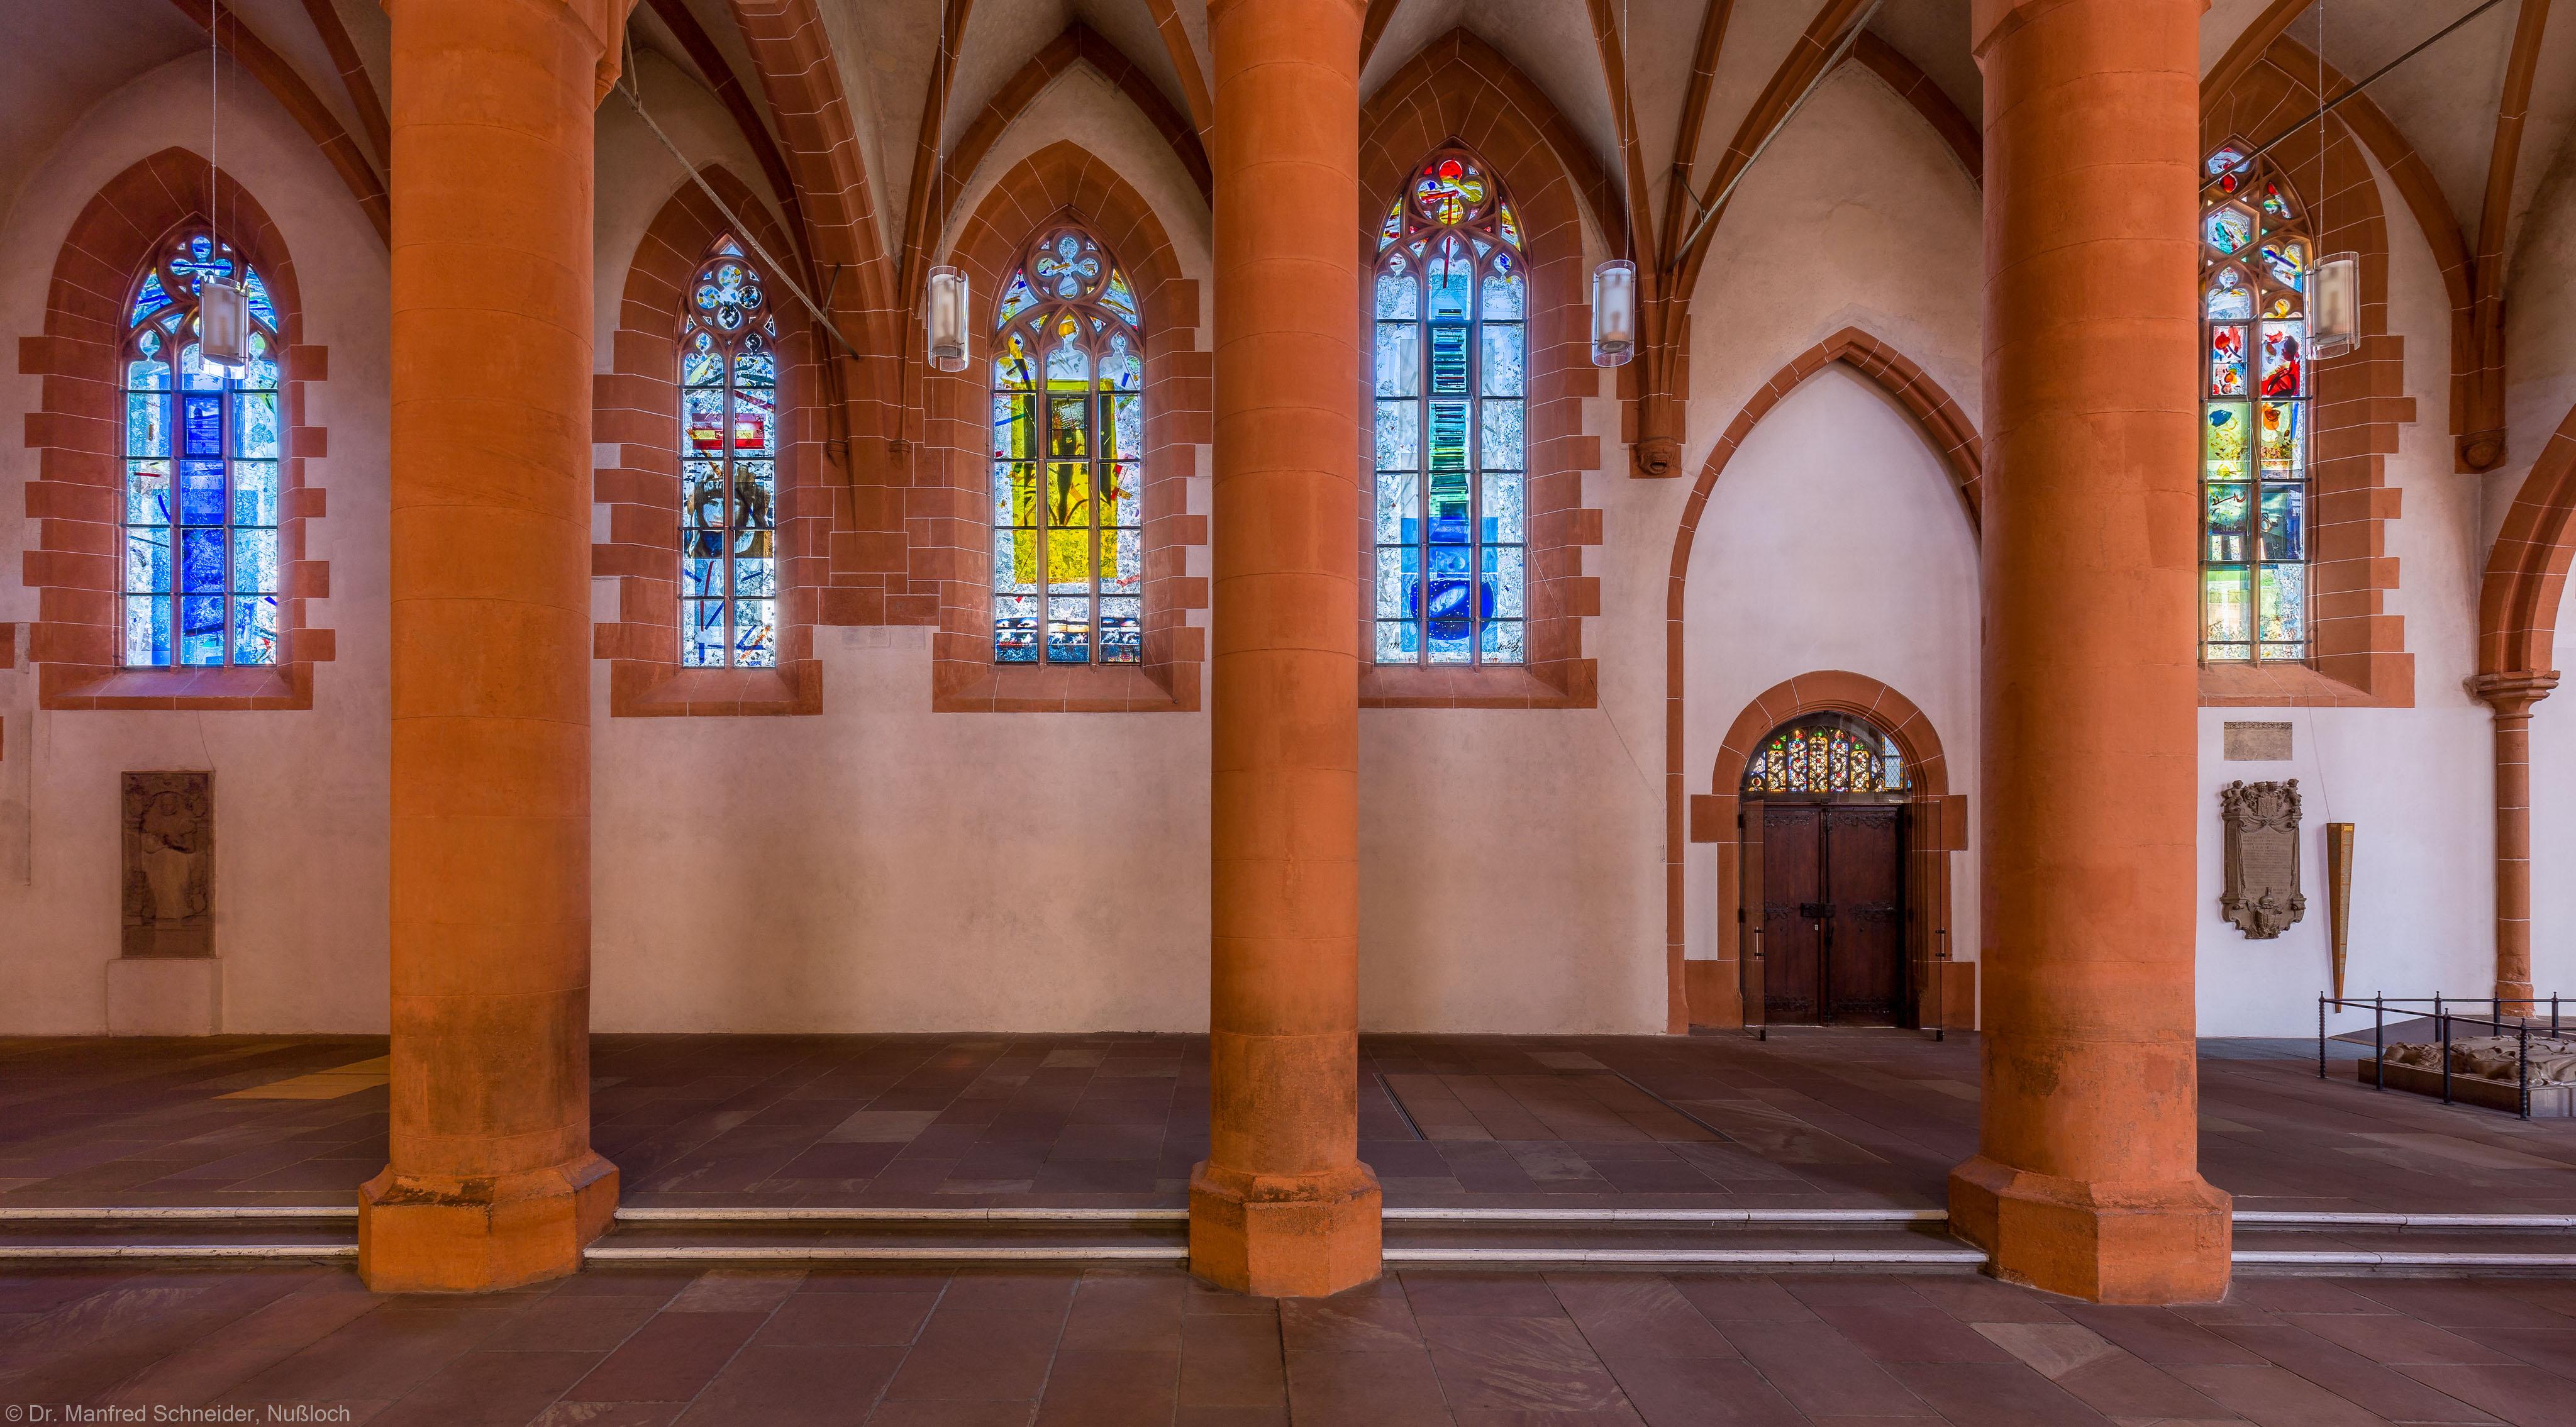 Heidelberg - Heiliggeistkirche - Nordschiff - Blick vom Mittelschiff auf das Nordschiff und die Fenster von Hella De Santarossa (aufgenommen im Mai 2015, am frühen Nachmittag)